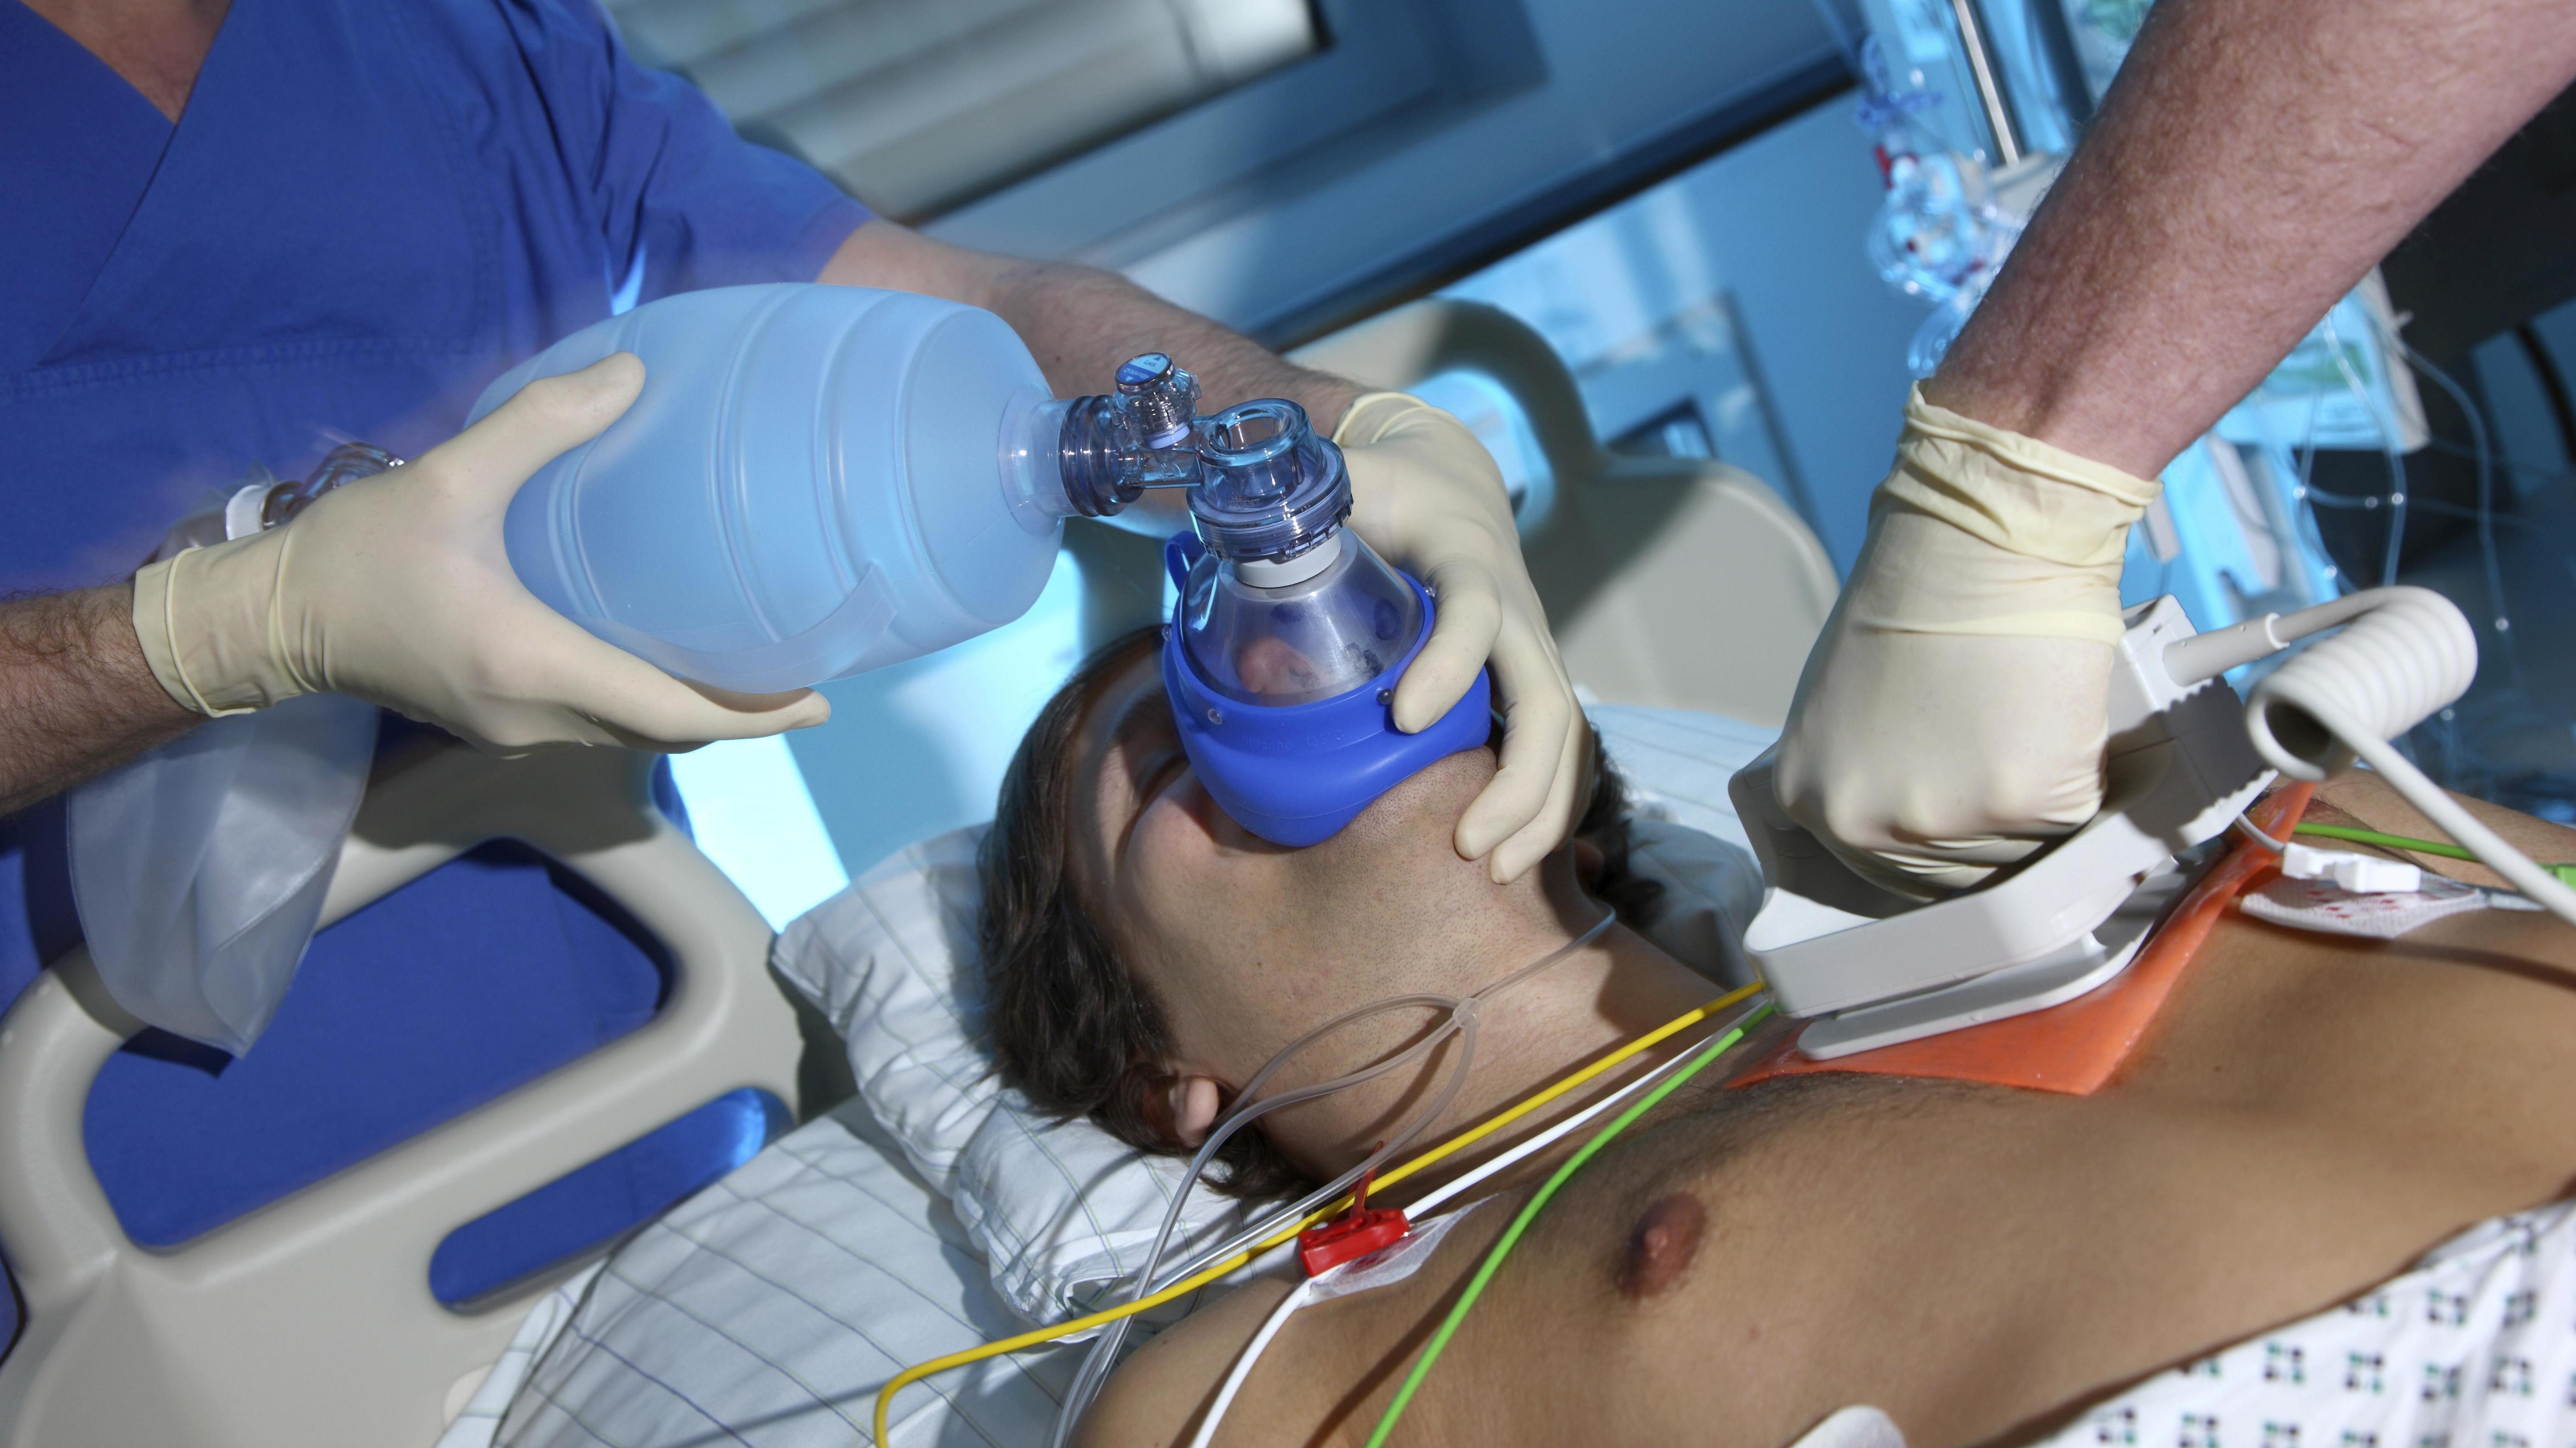 Zwei Ärzte reanimieren eine Person auf einer Trage in einem Krankenhaus (Symbolbild)